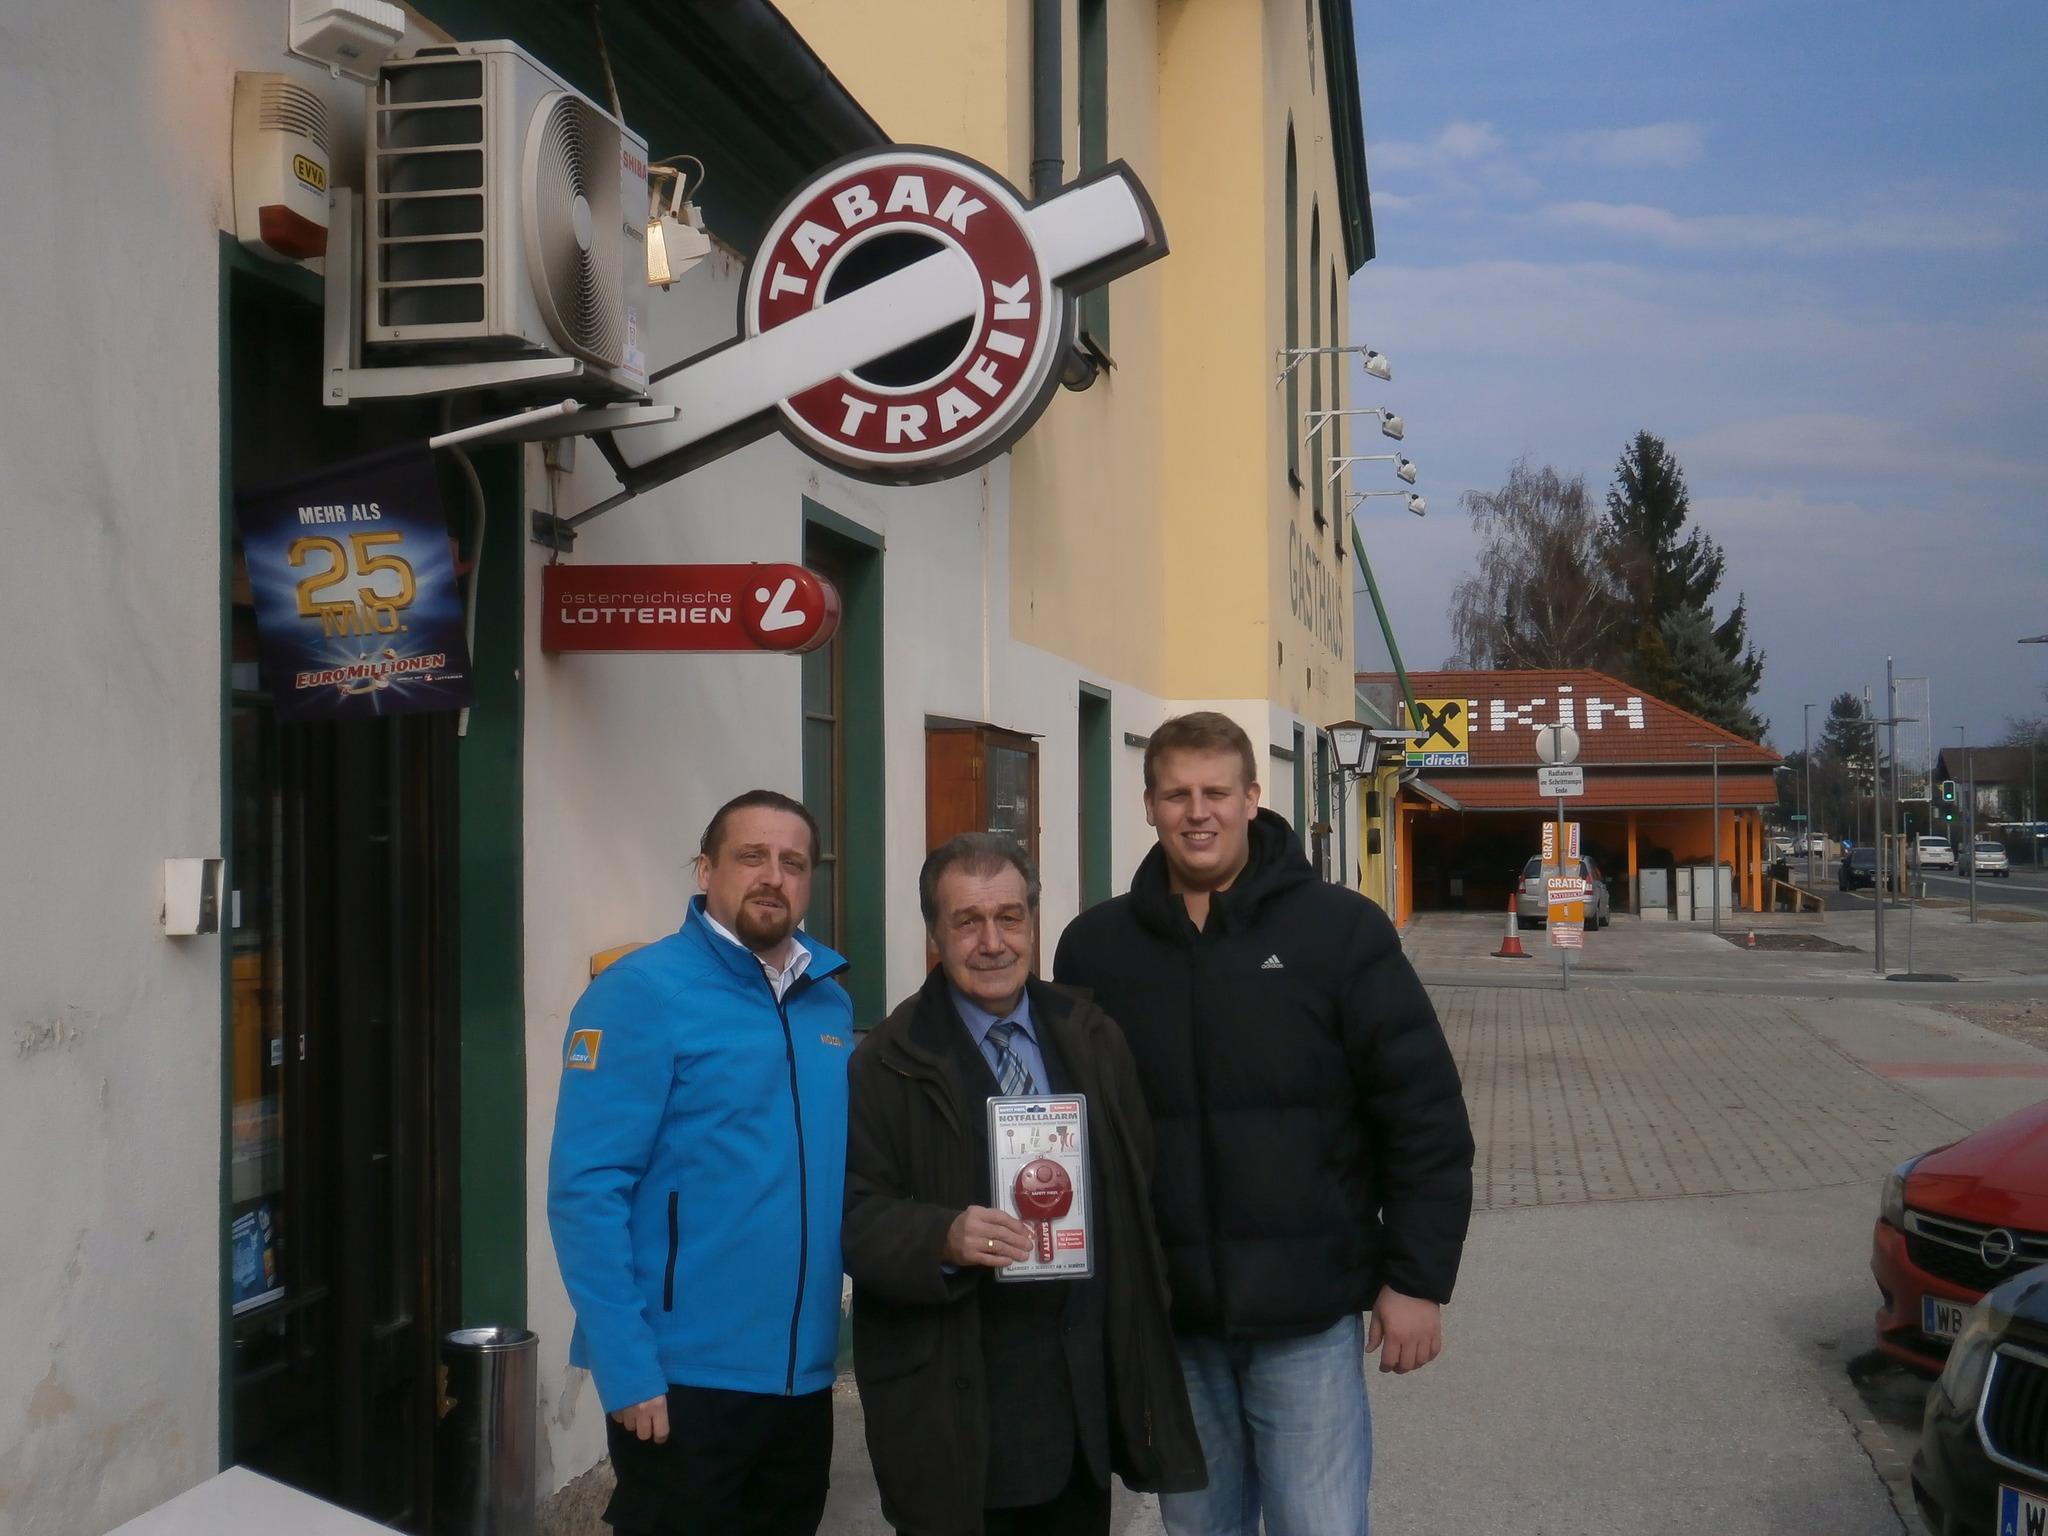 Bekanntschaften in Theresienfeld - Partnersuche & Kontakte